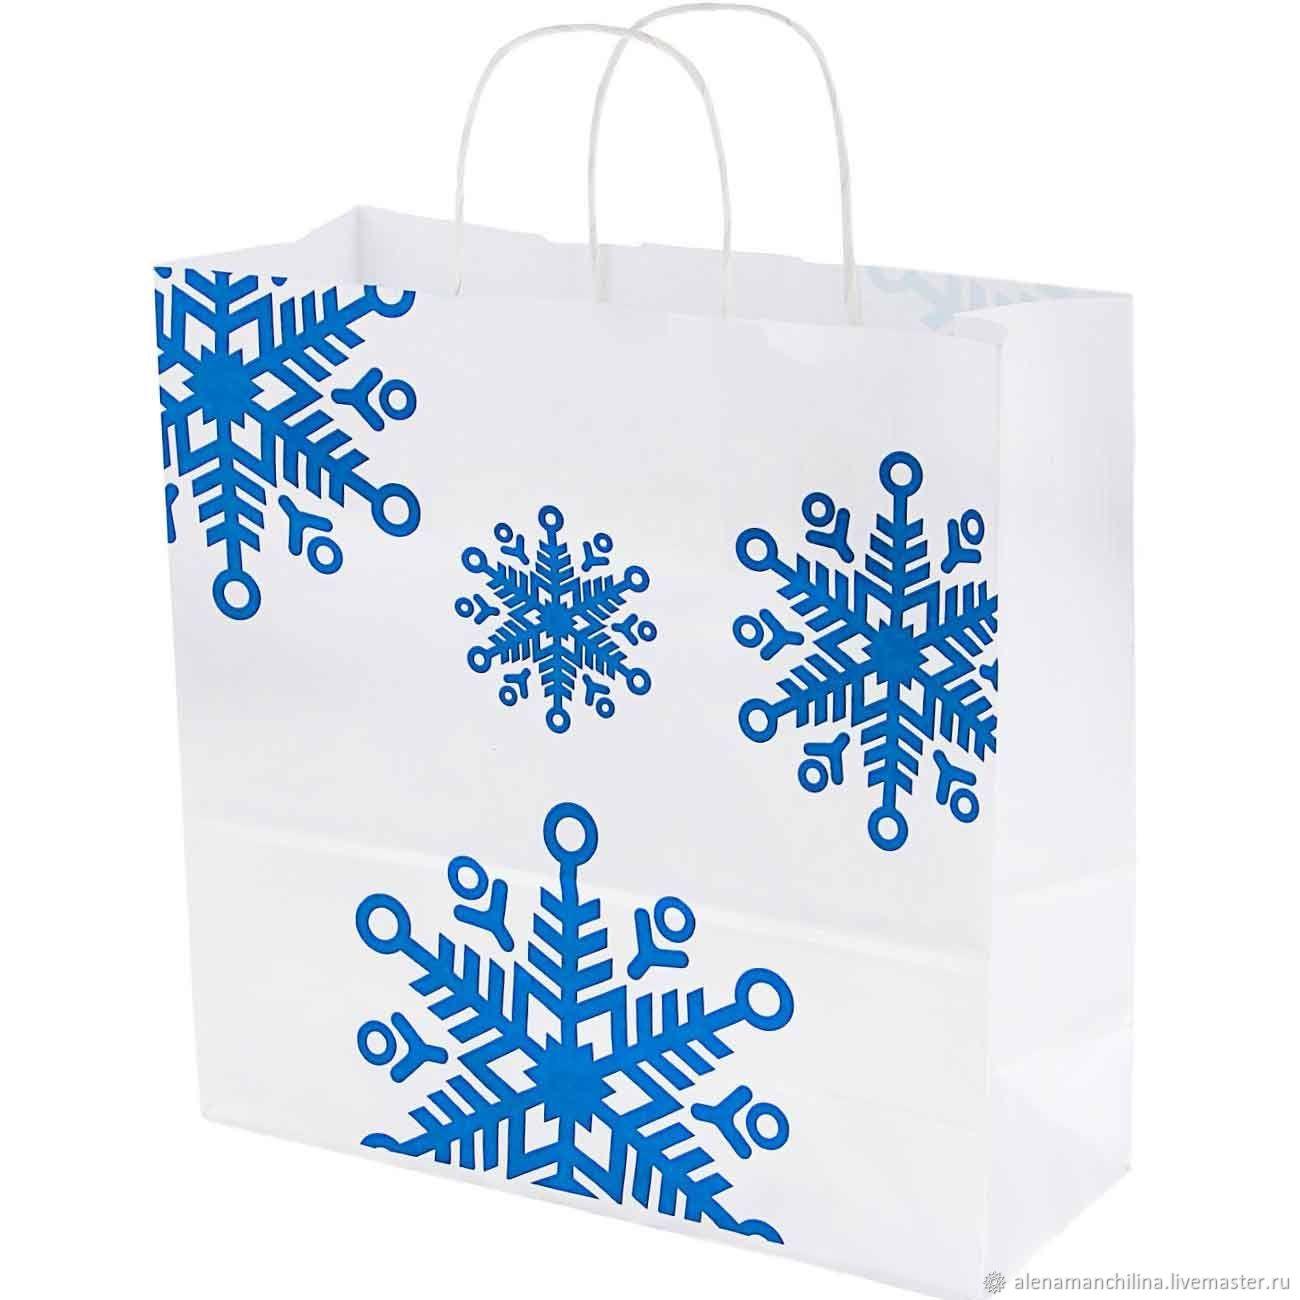 1564e8ec4480 Купить Крафт-пакет 32х32х12 см Упаковка ручной работы. Крафт-пакет 32х32х12  см с крученными ручками и рисунком Снежинки синие